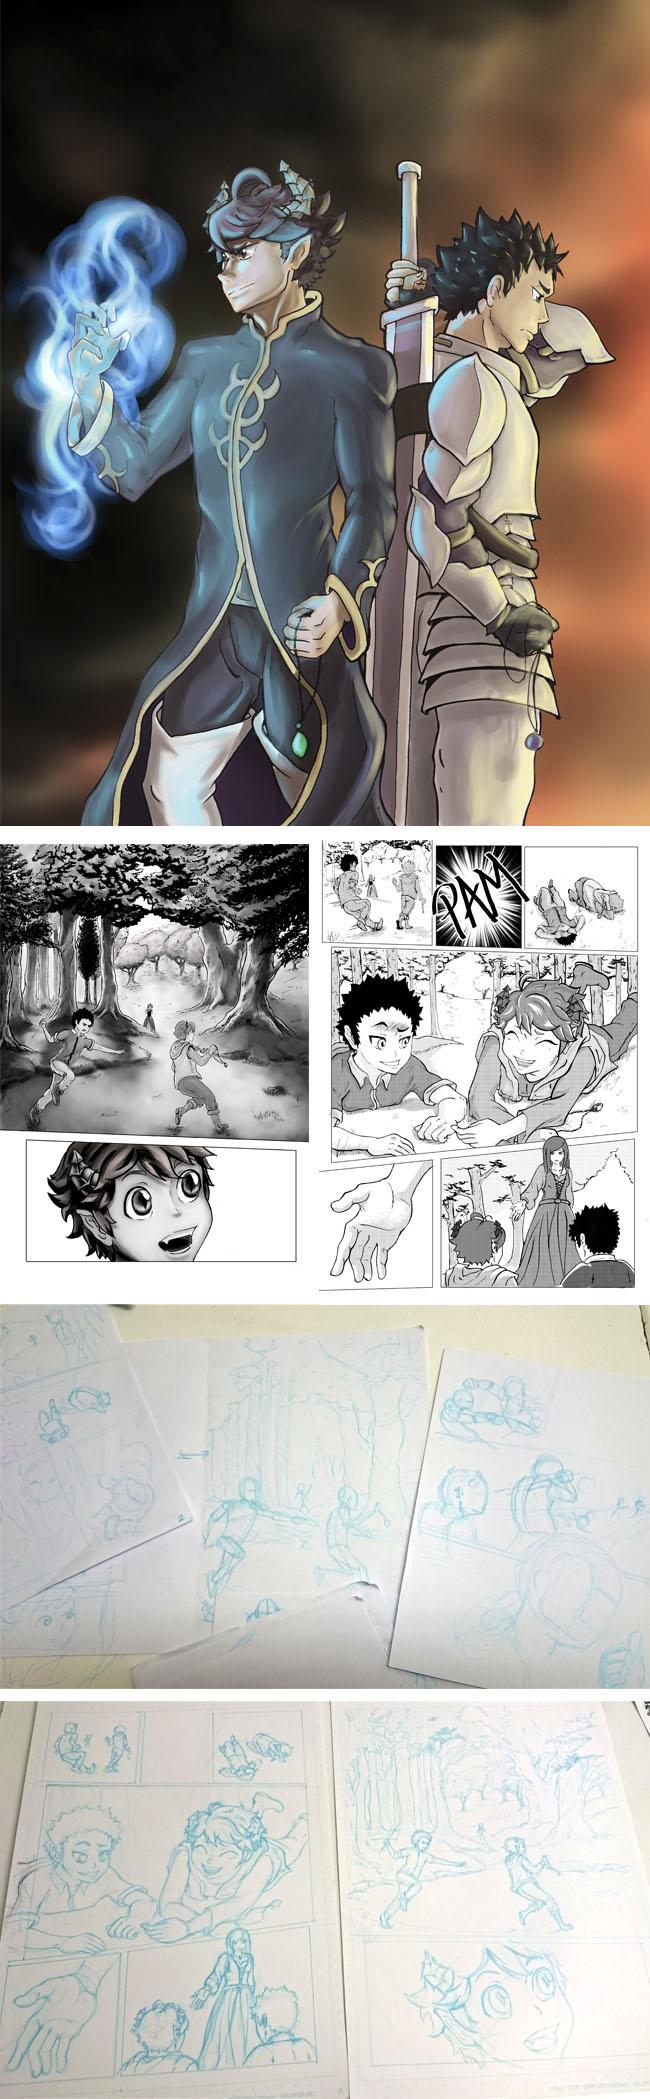 curso_comic_manga_anual_proyectos_academiac10_madrid